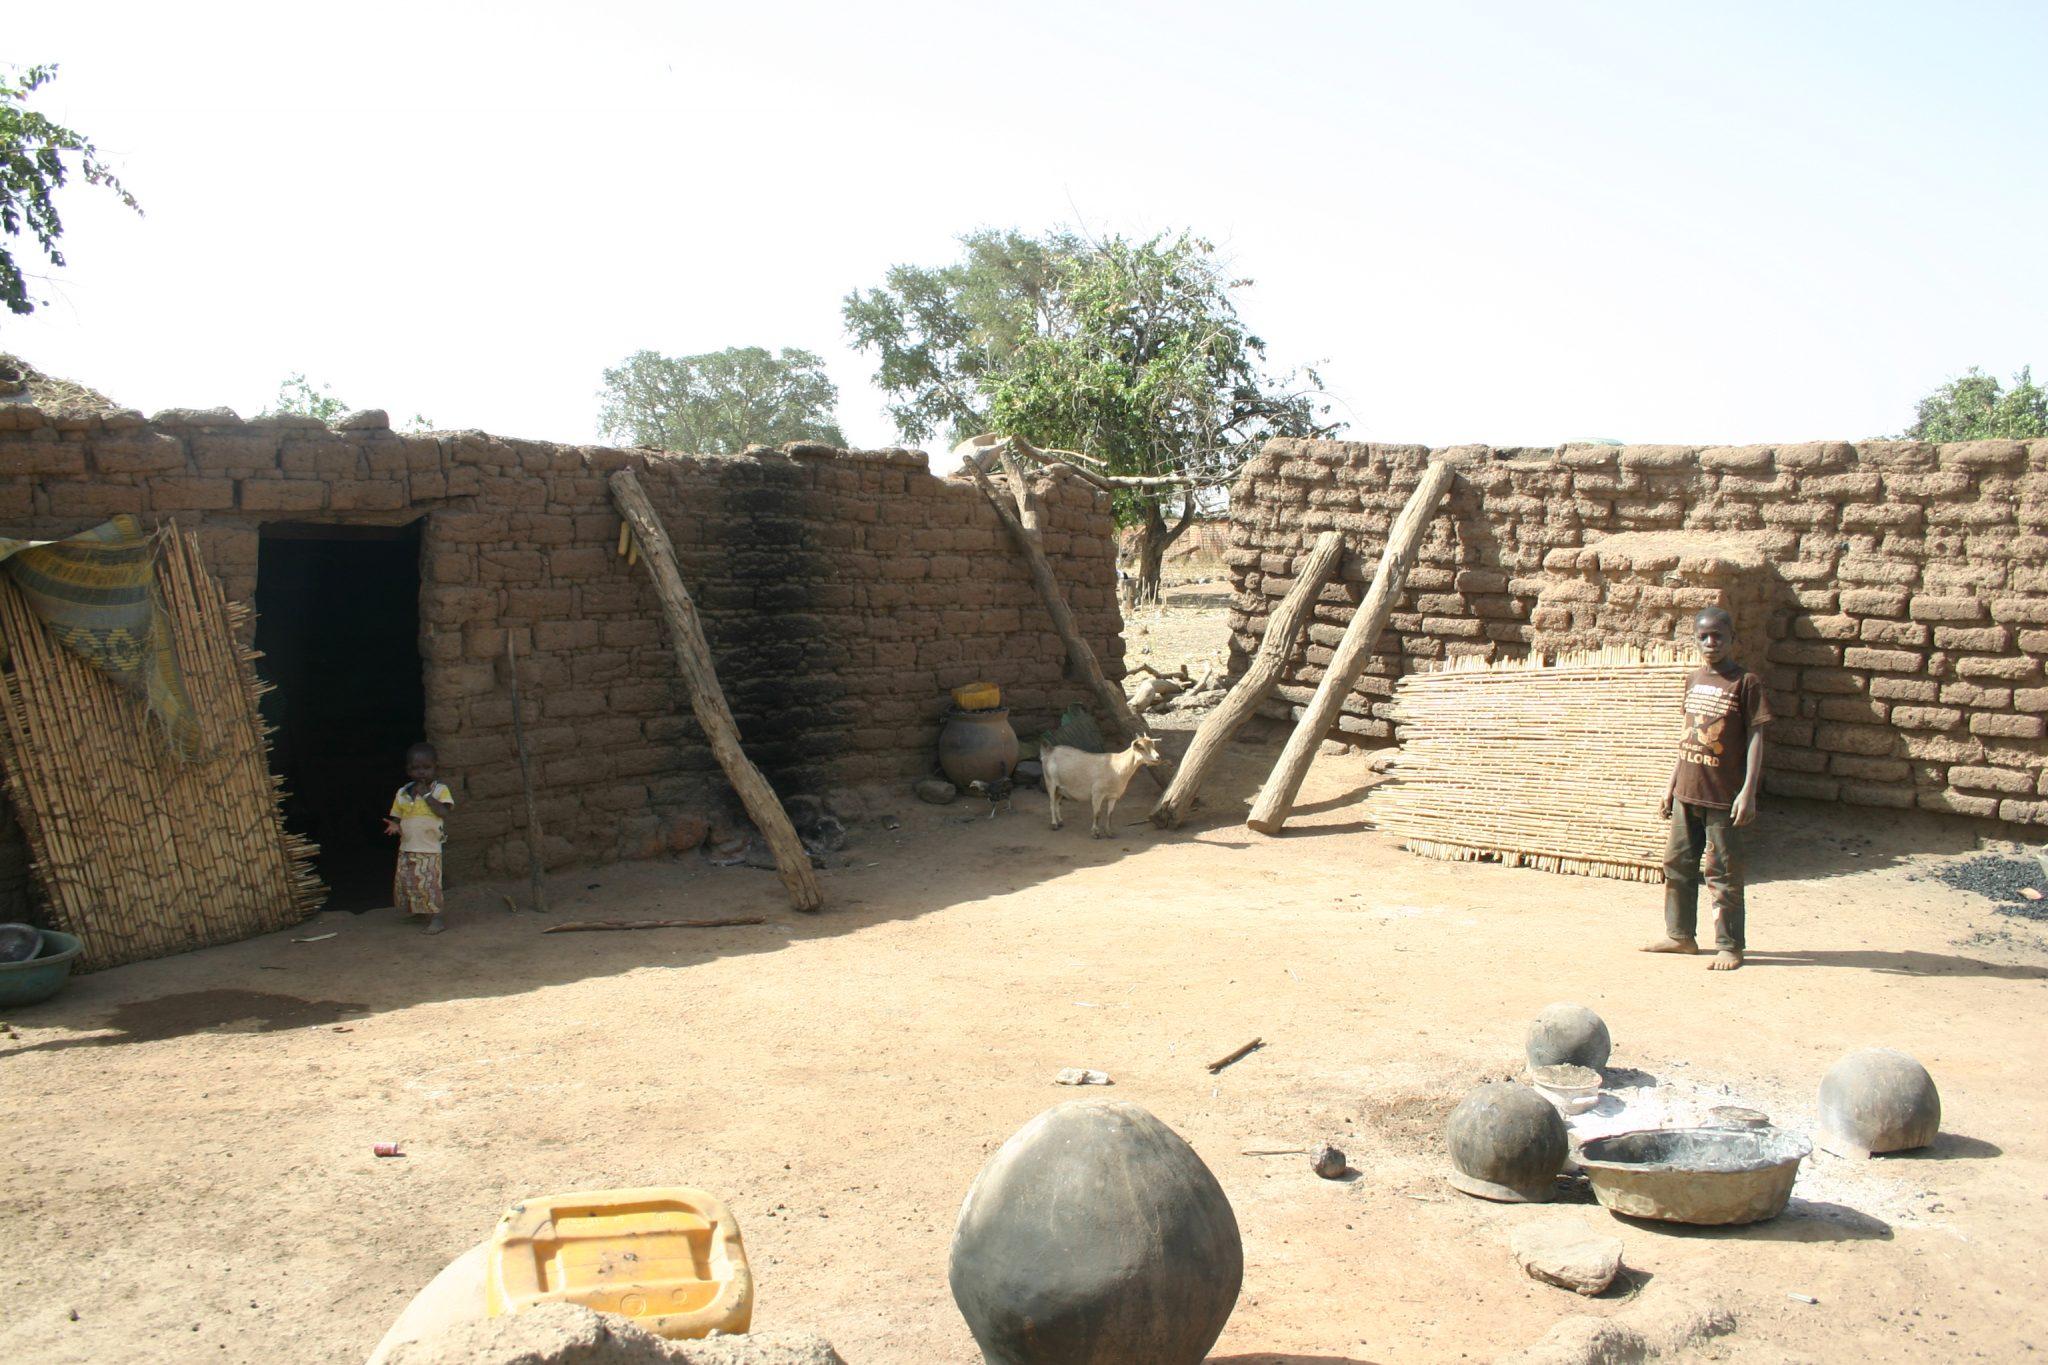 Phuo courtyard